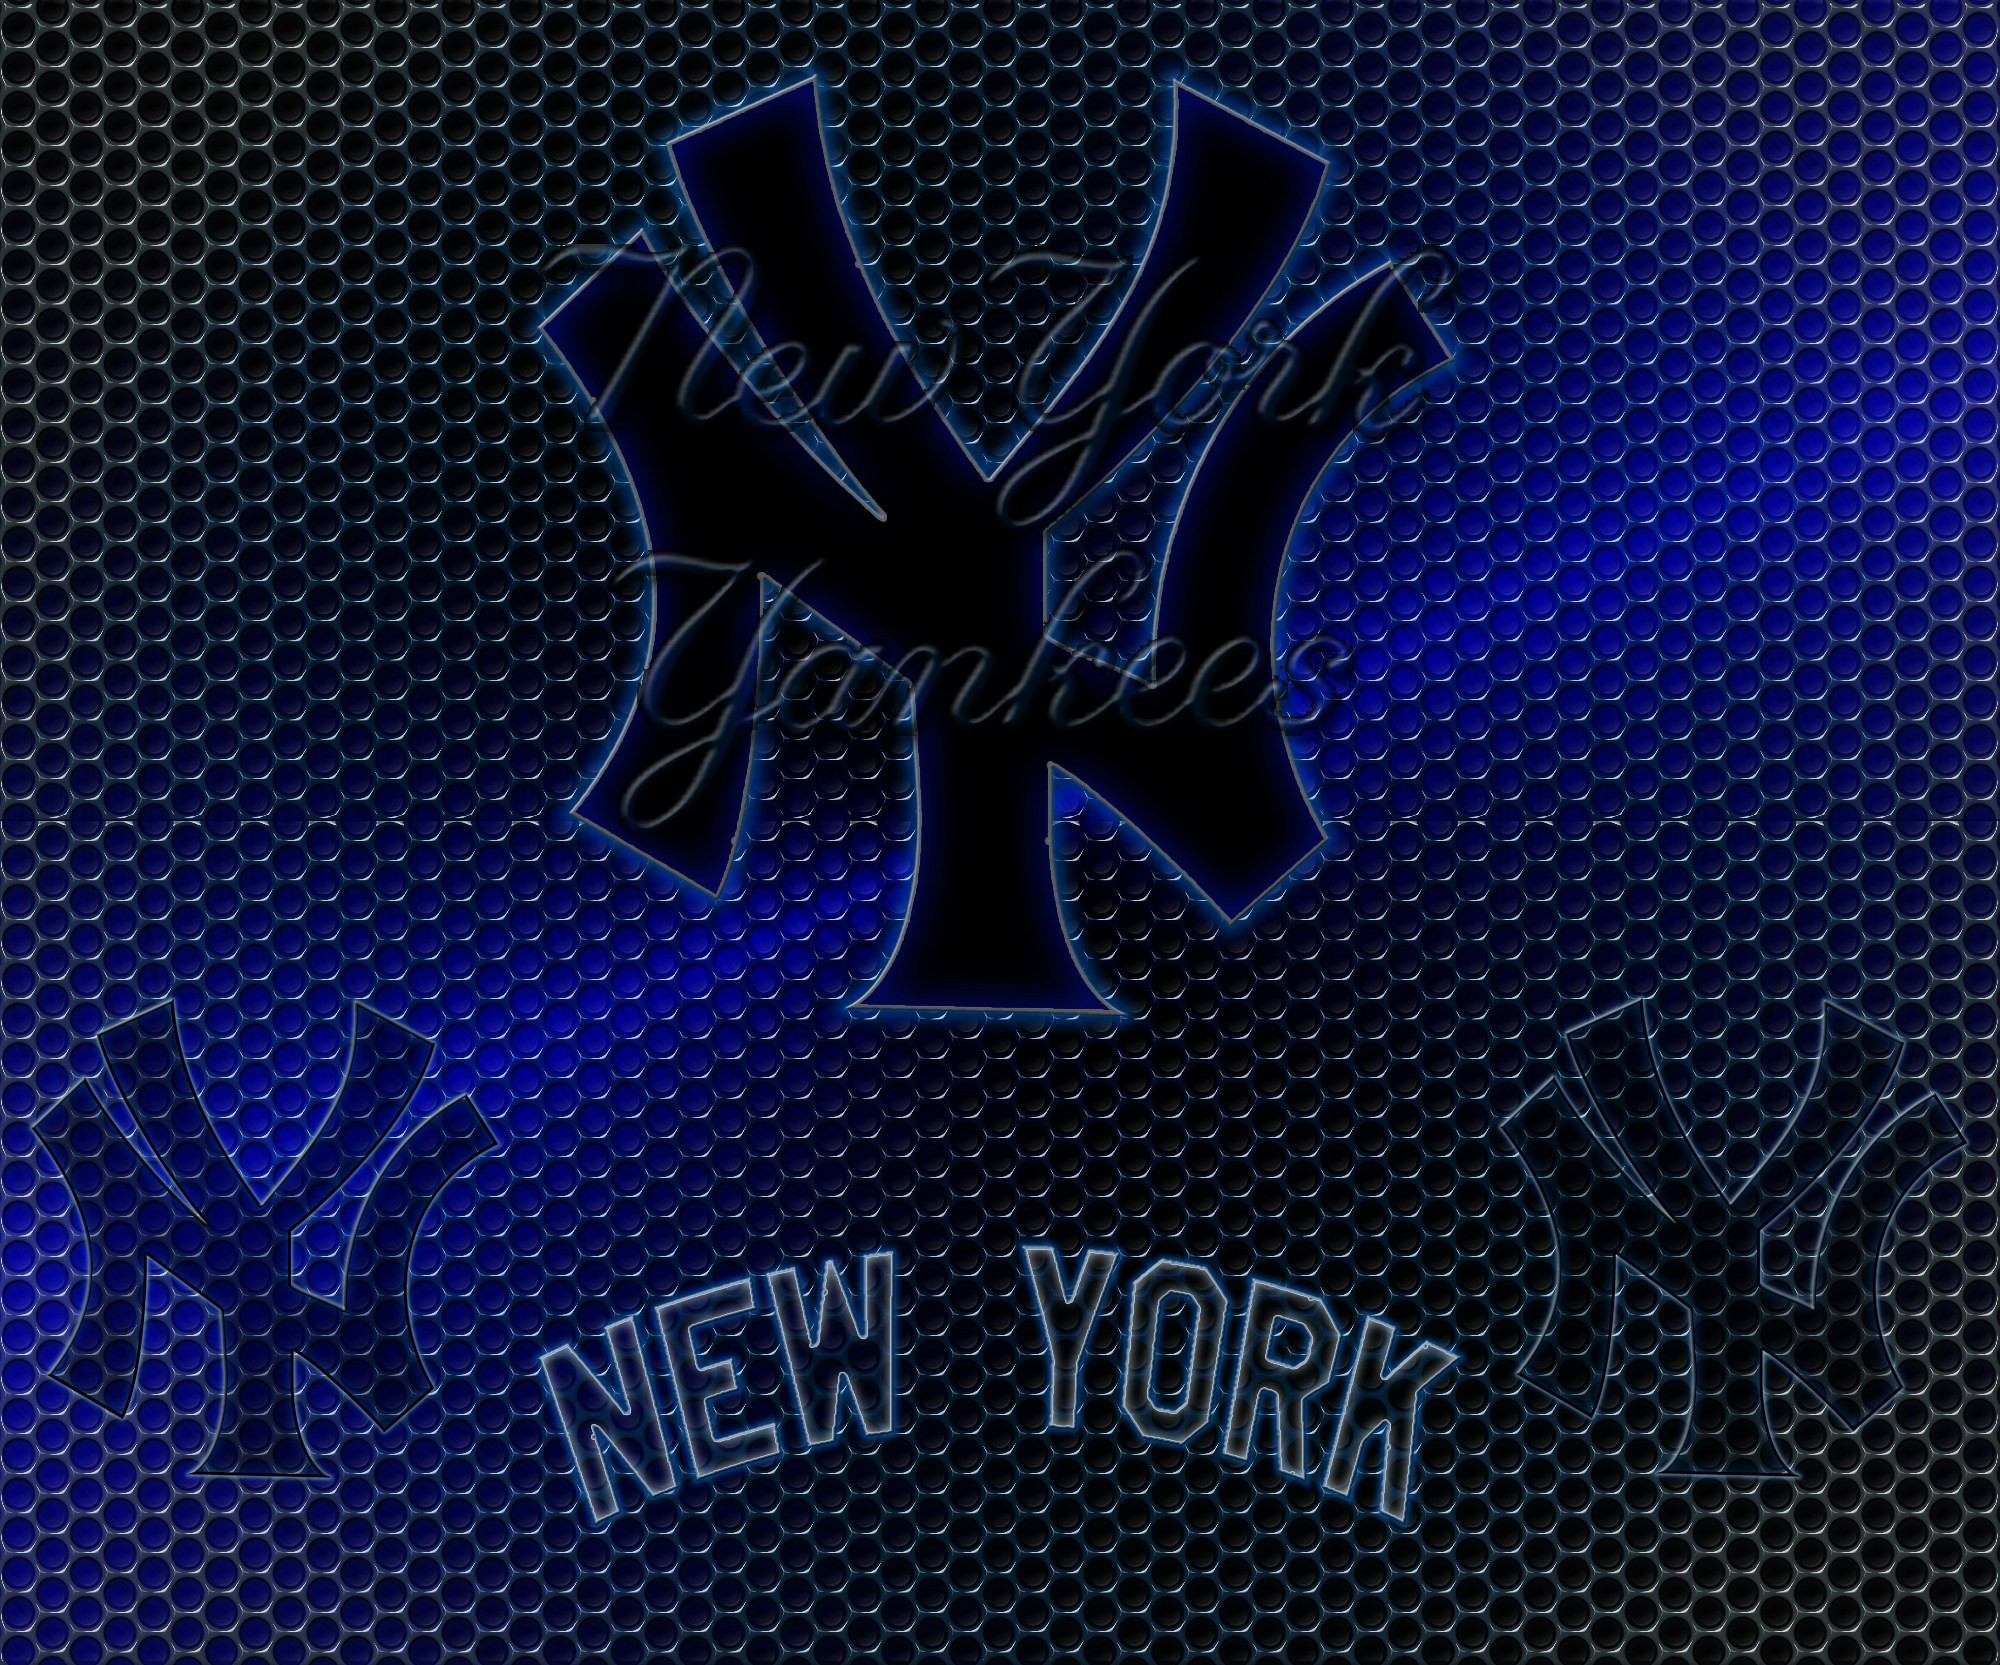 New York Yankees Wallpaper Desktop (61+ Images